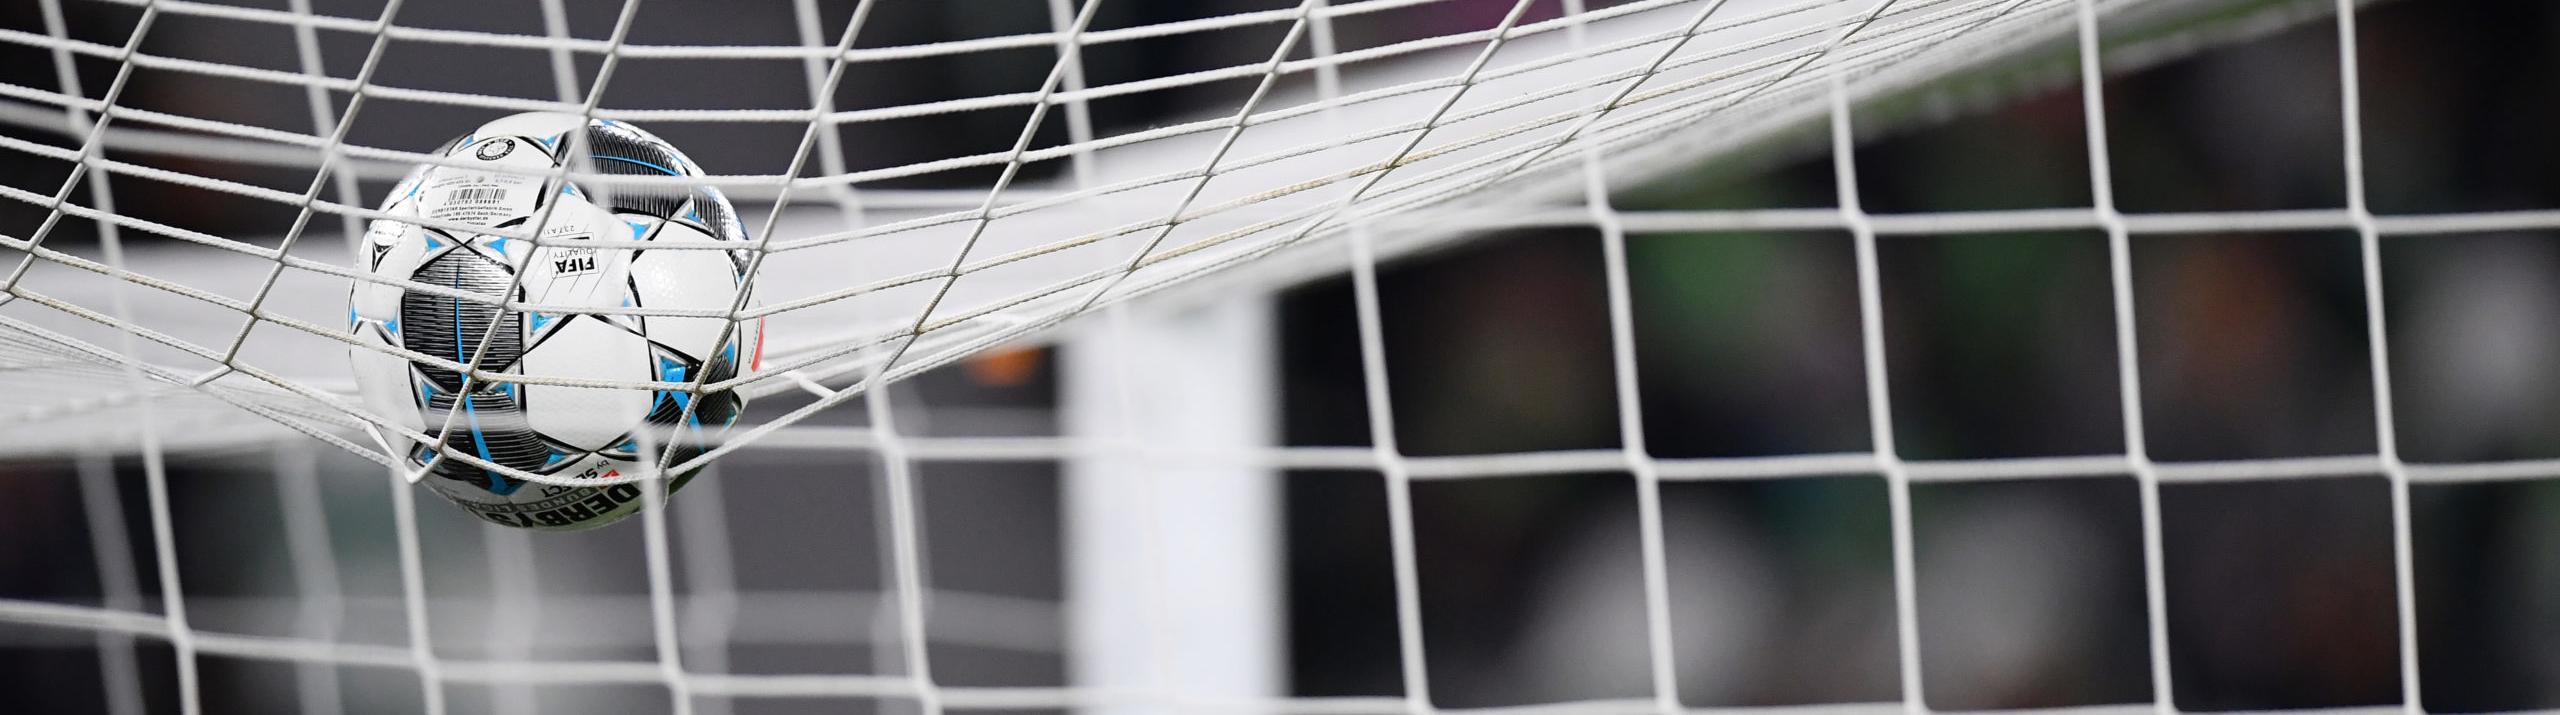 Eventi sportivi di oggi 2 aprile: il calcio in ...riserva!